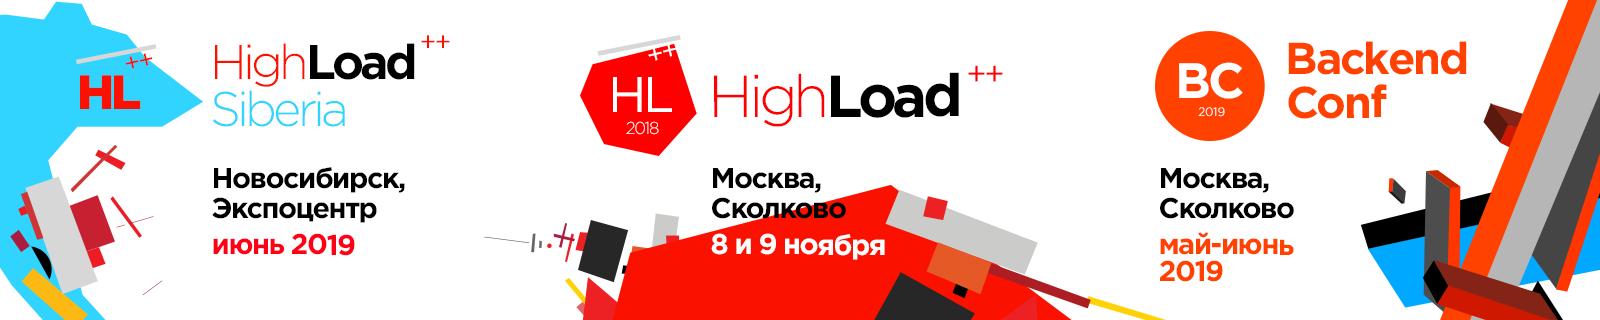 HighLoad++